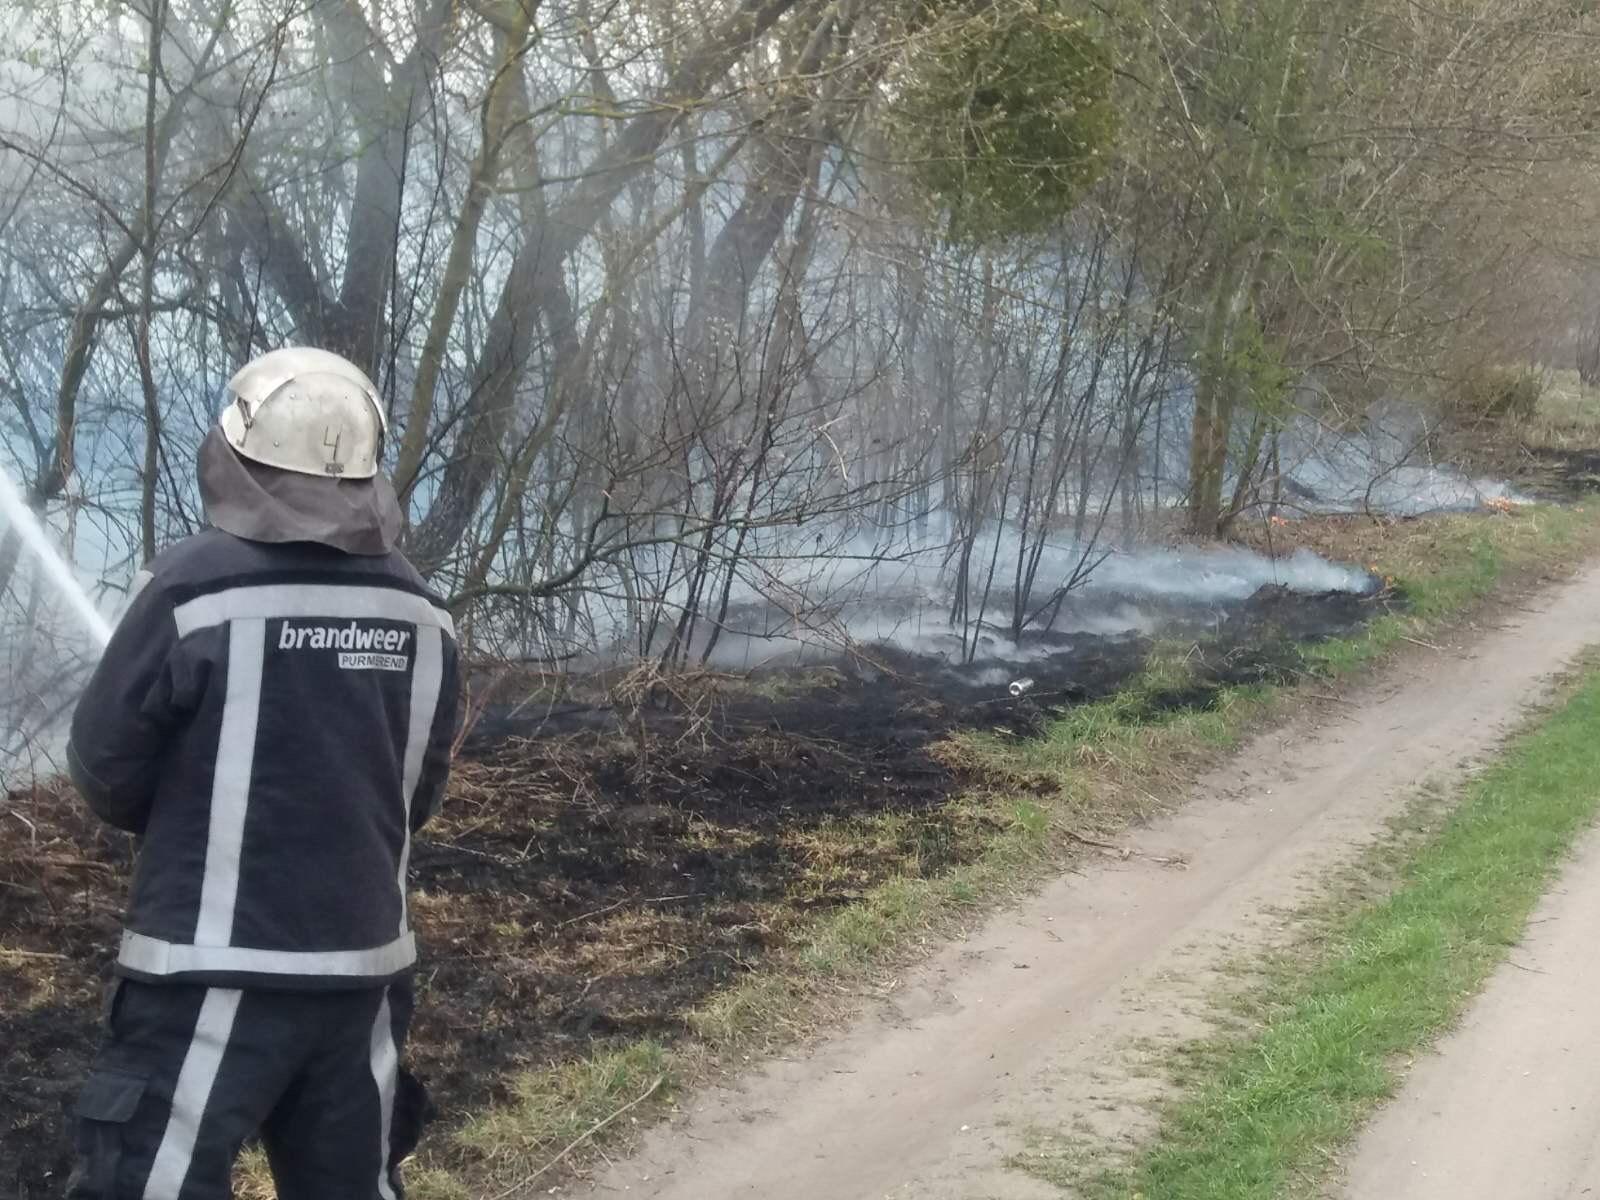 На Білоцерківщині сталось кілька загорань сухої трави та очерету - пожежі в екосистемах, Білоцерківщина - IMG 6959